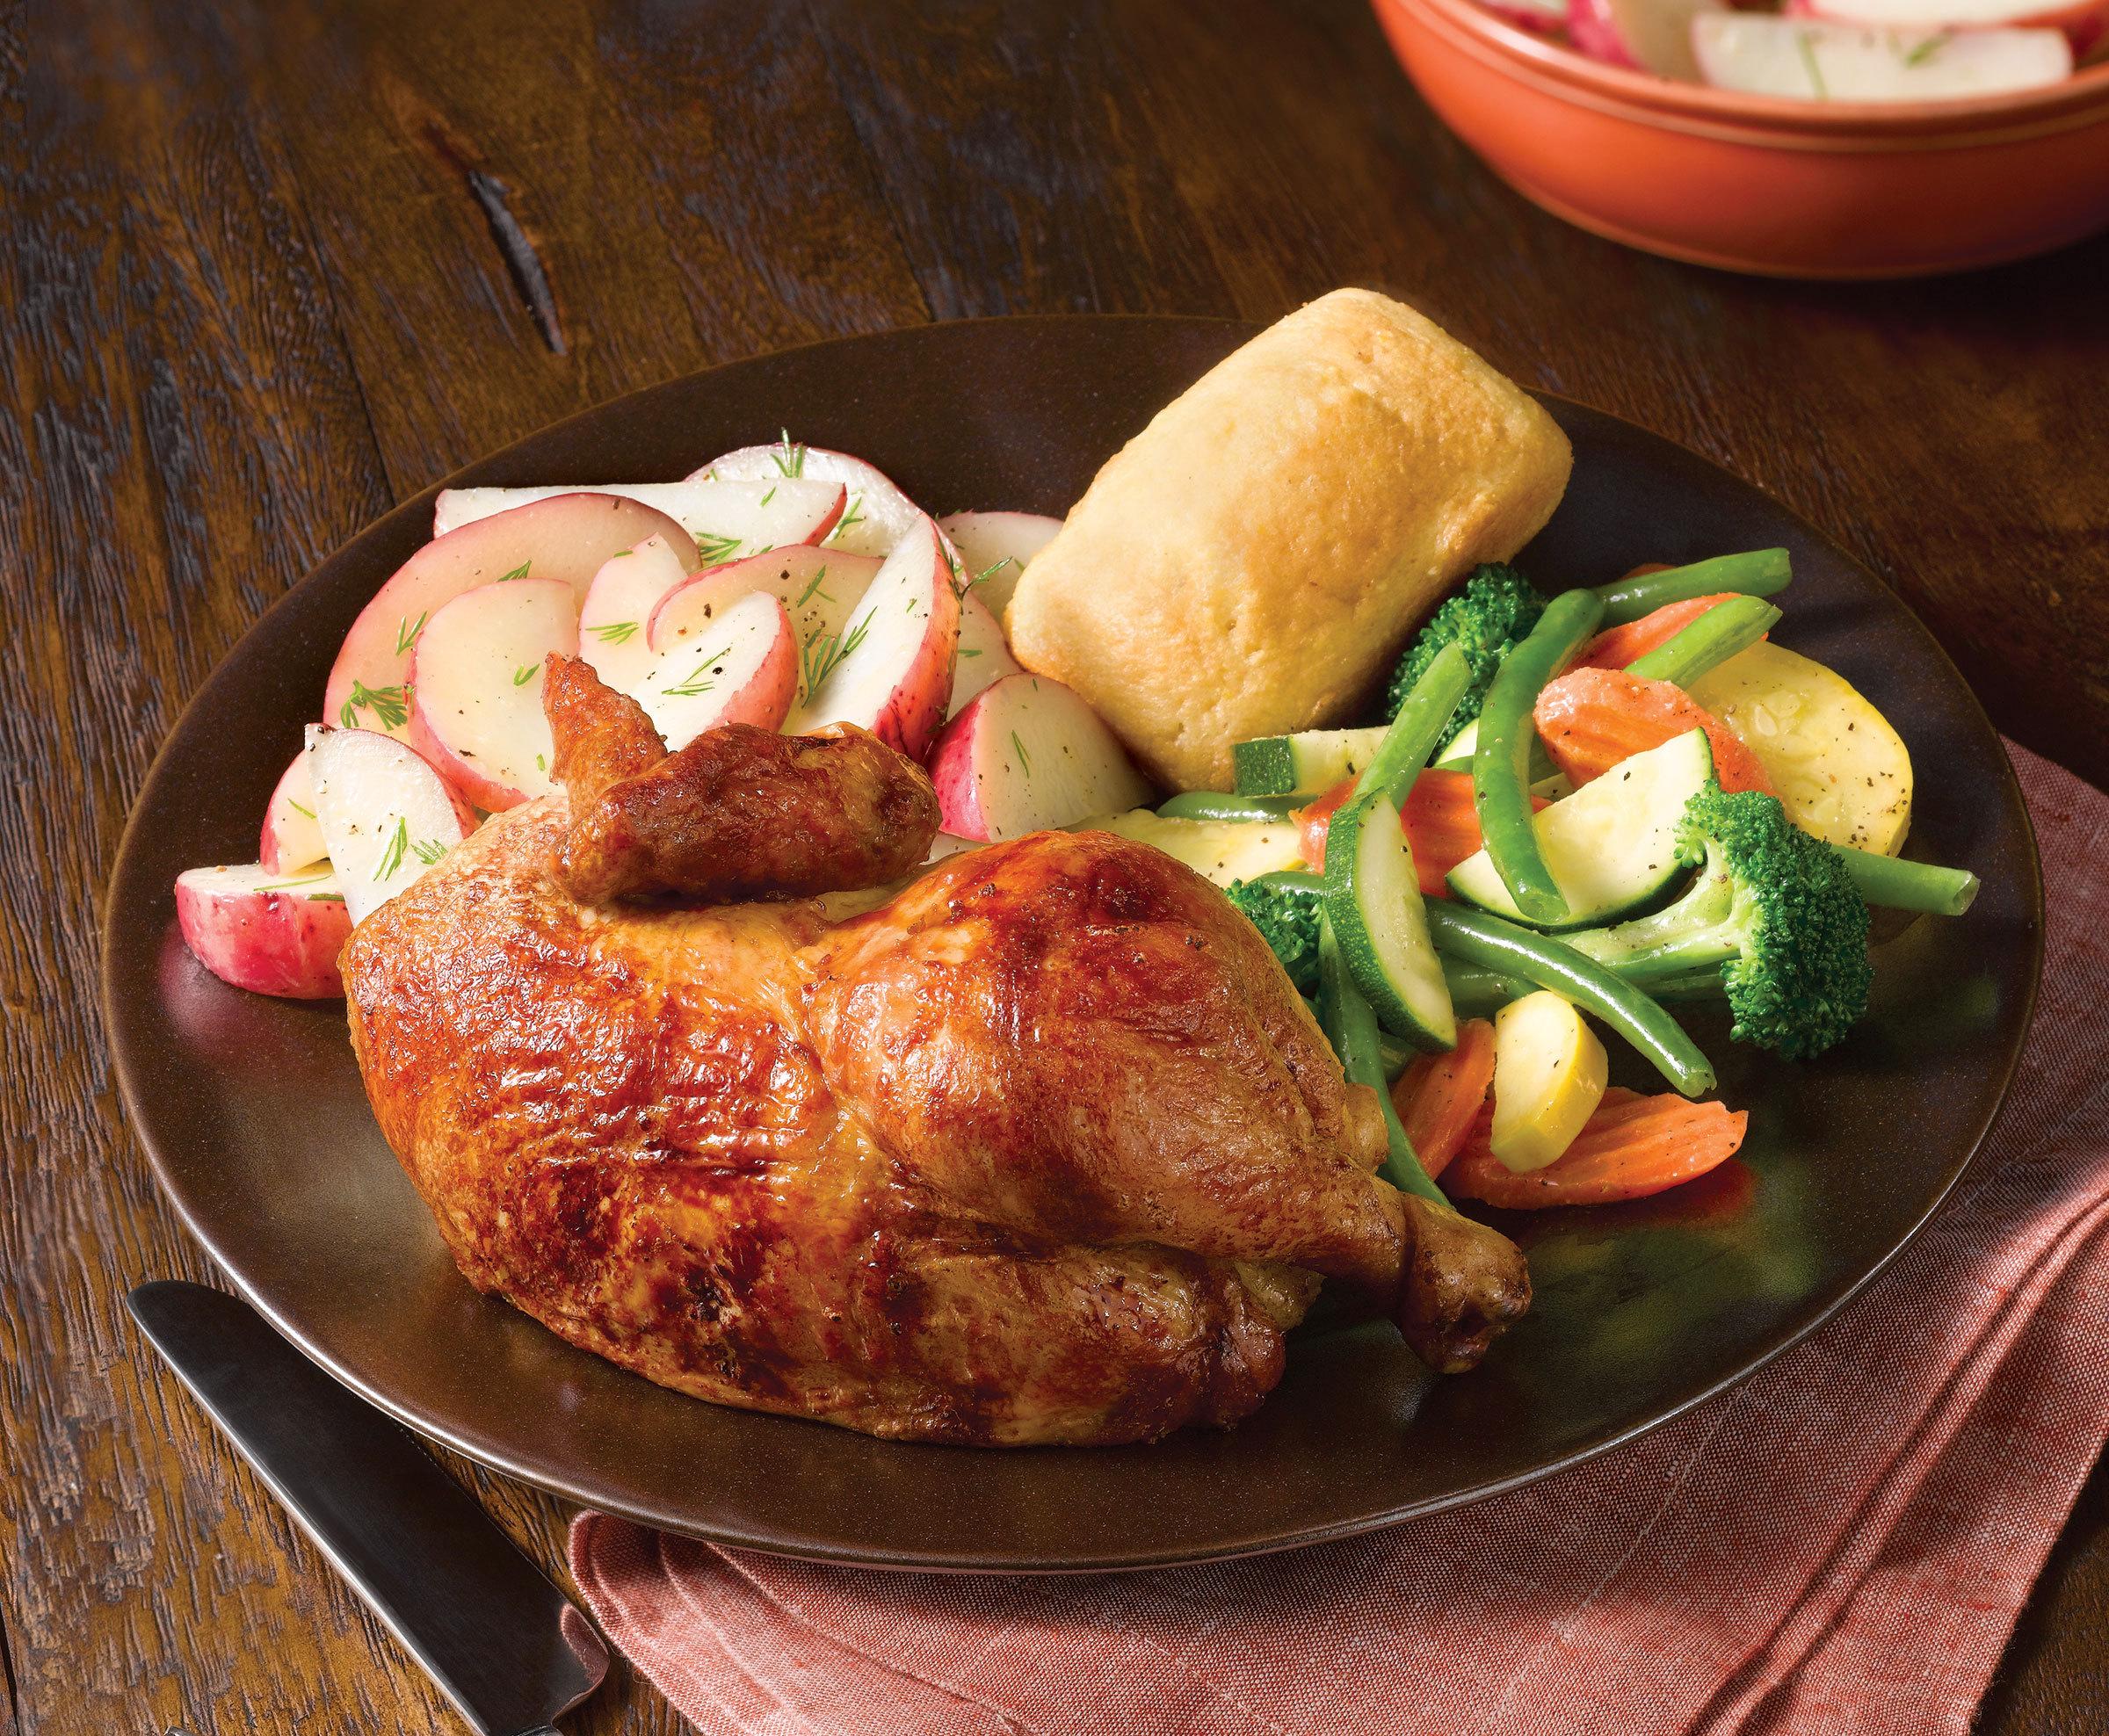 Kết quả hình ảnh cho chicken meal